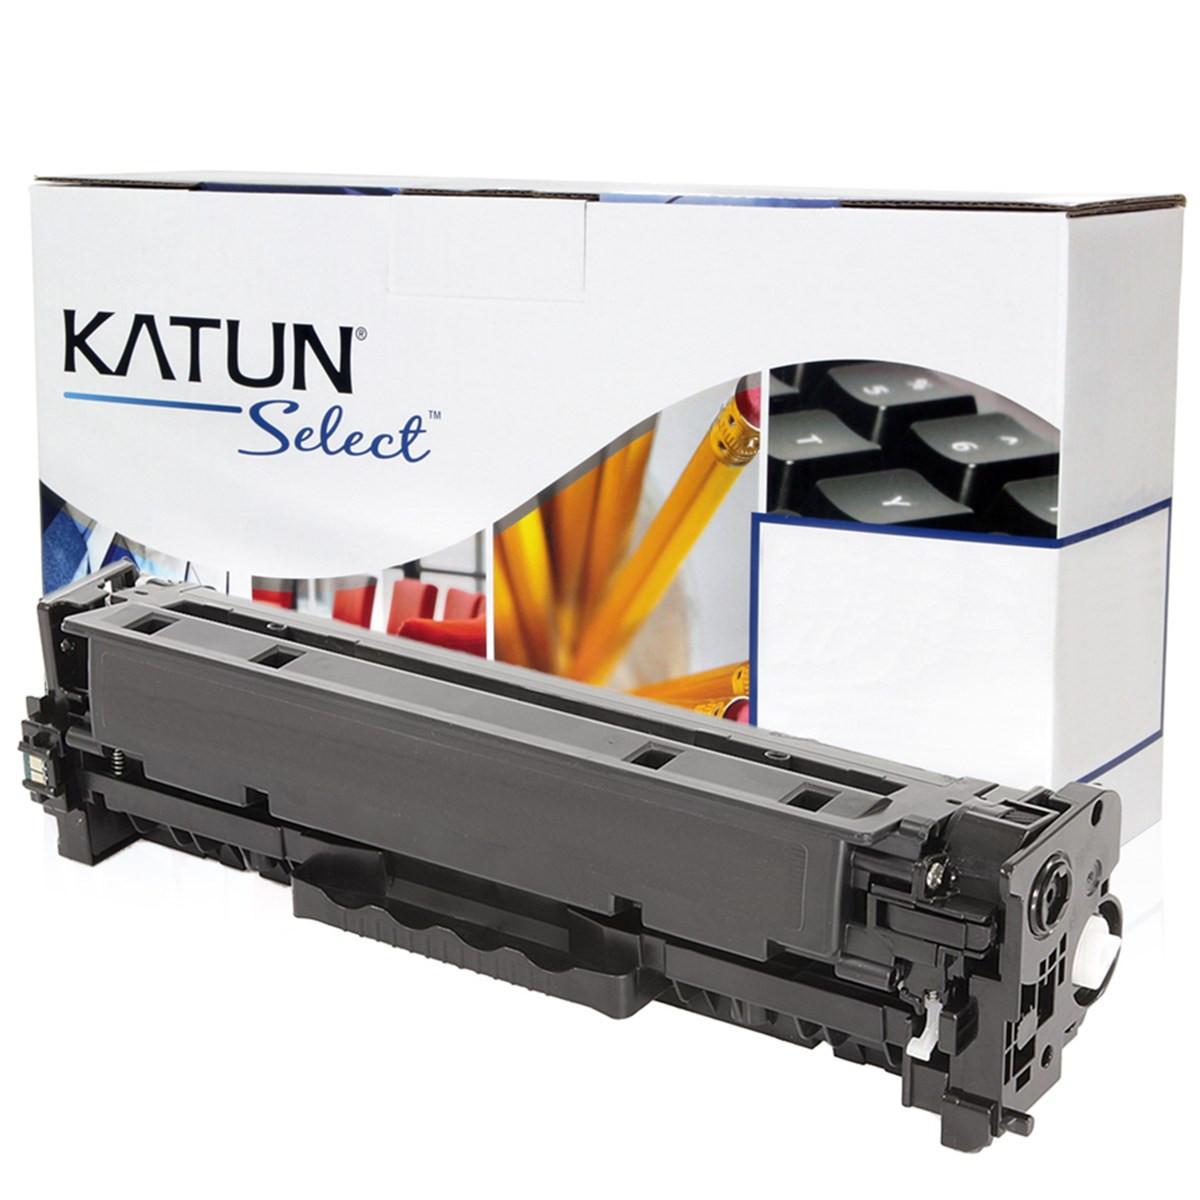 Toner Compatível com HP CF381A 81A 312A Ciano | M476 M476DN M476DW M476NW | Katun Select 2.7k